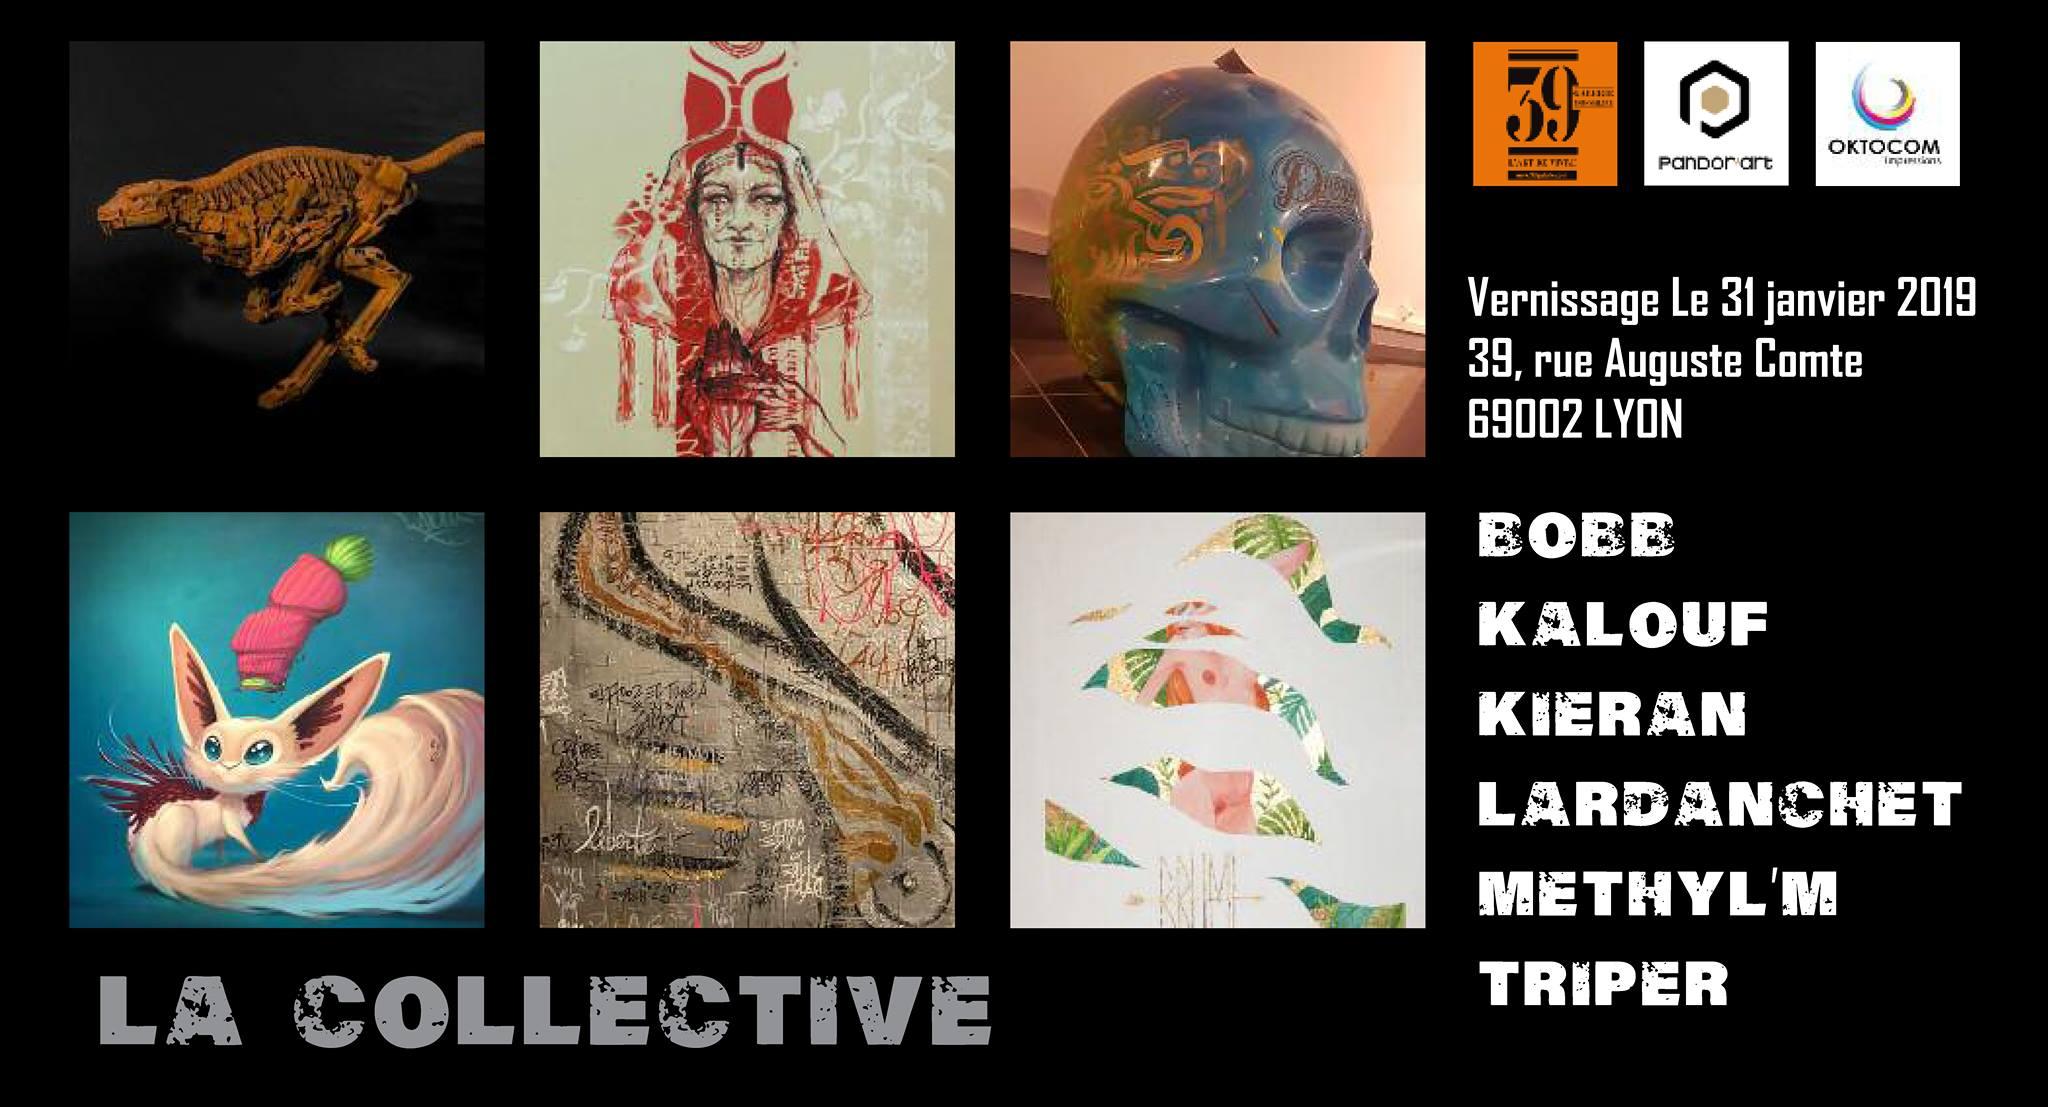 exposition-collective-pandorart-39-galerie-lyon